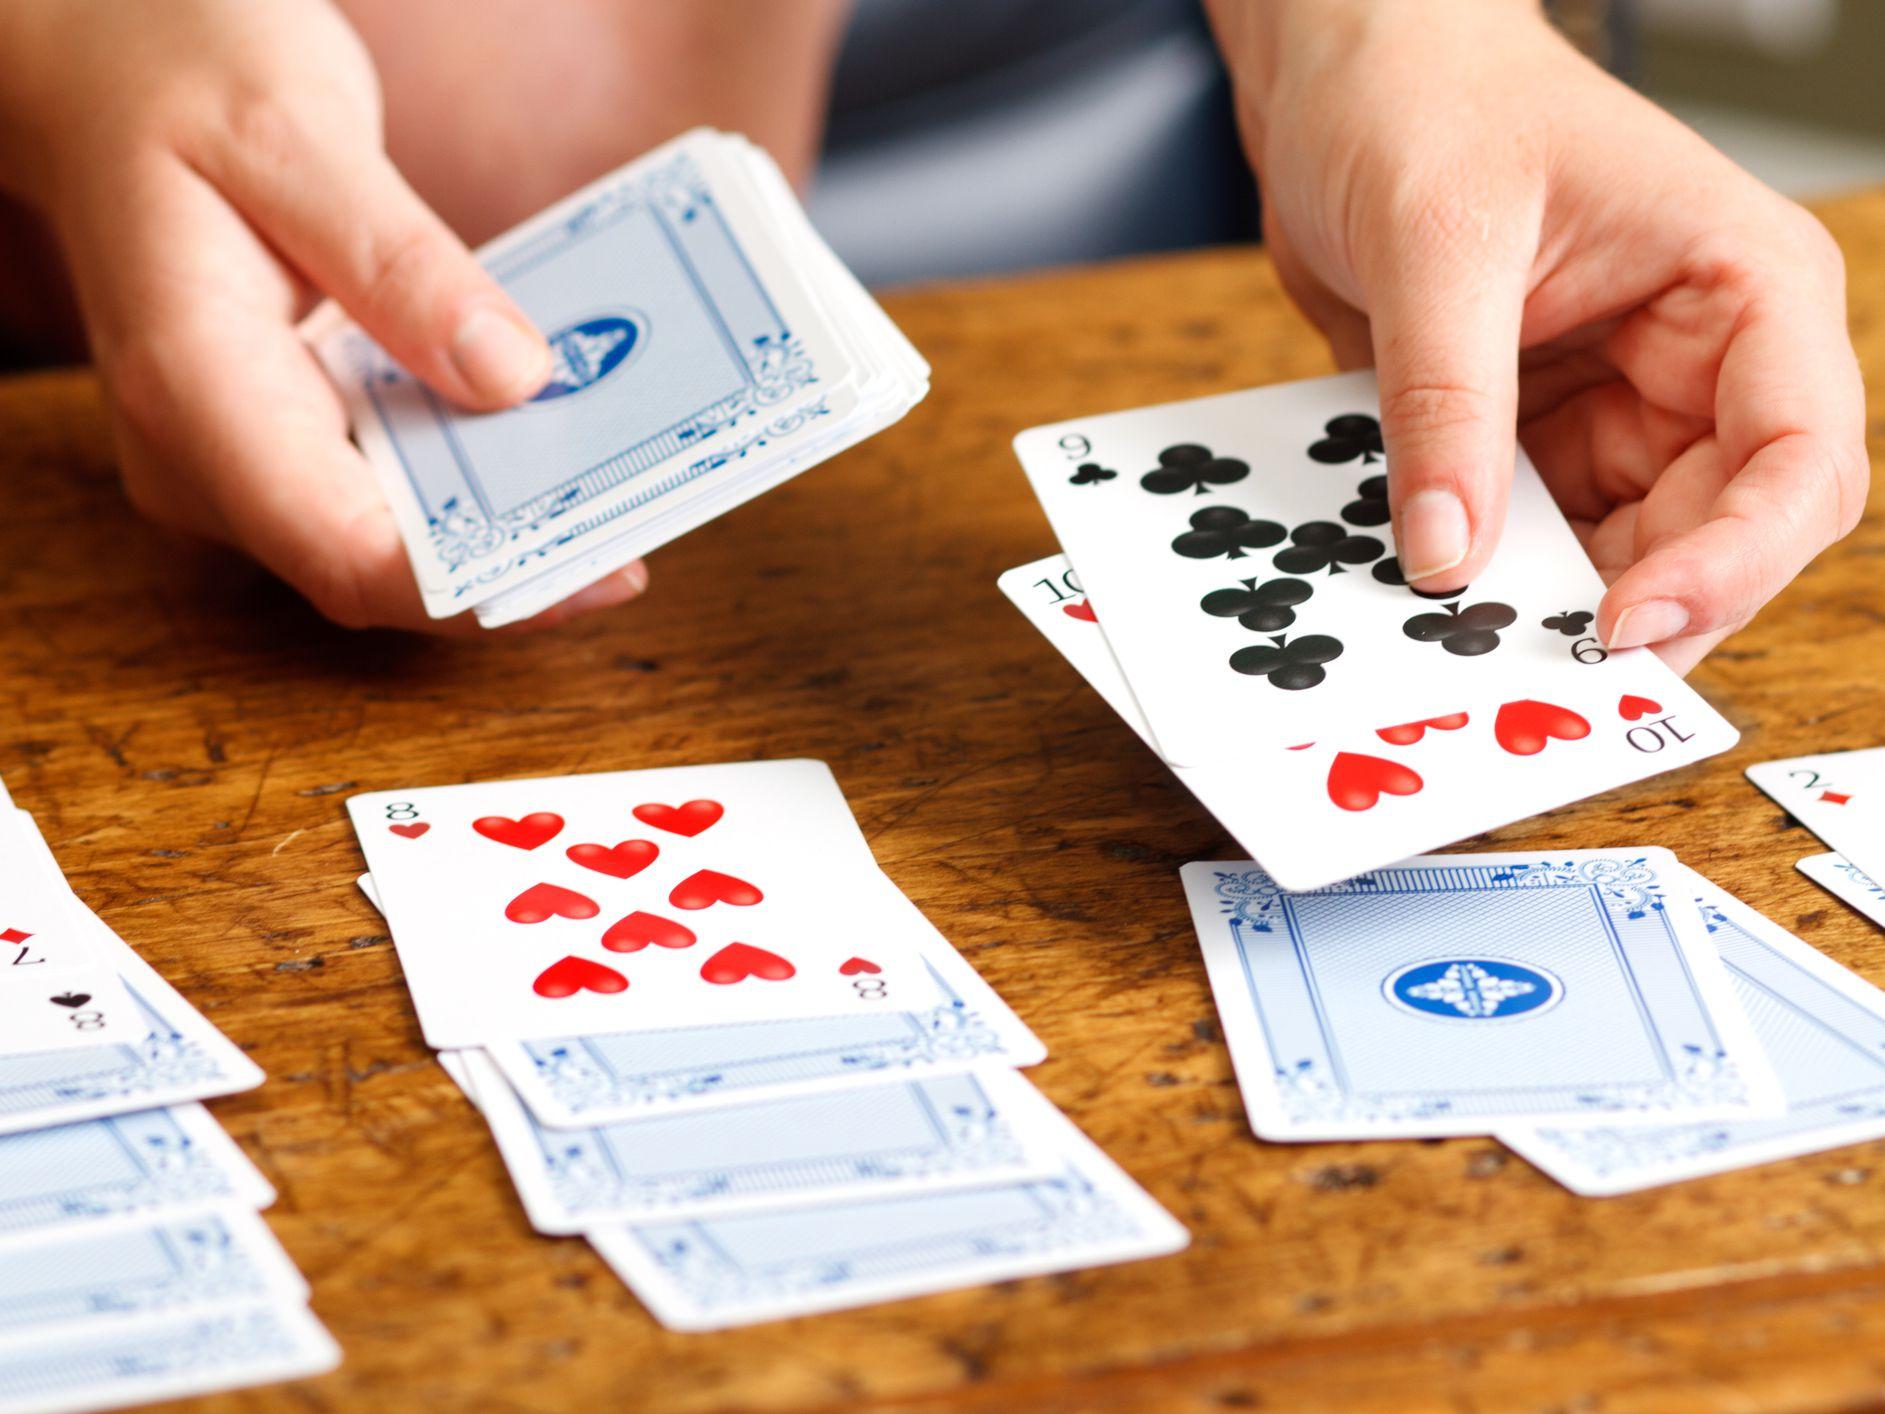 gran descuento bienes de conveniencia amplia selección de colores y diseños Juegos para jugar de manera solitaria